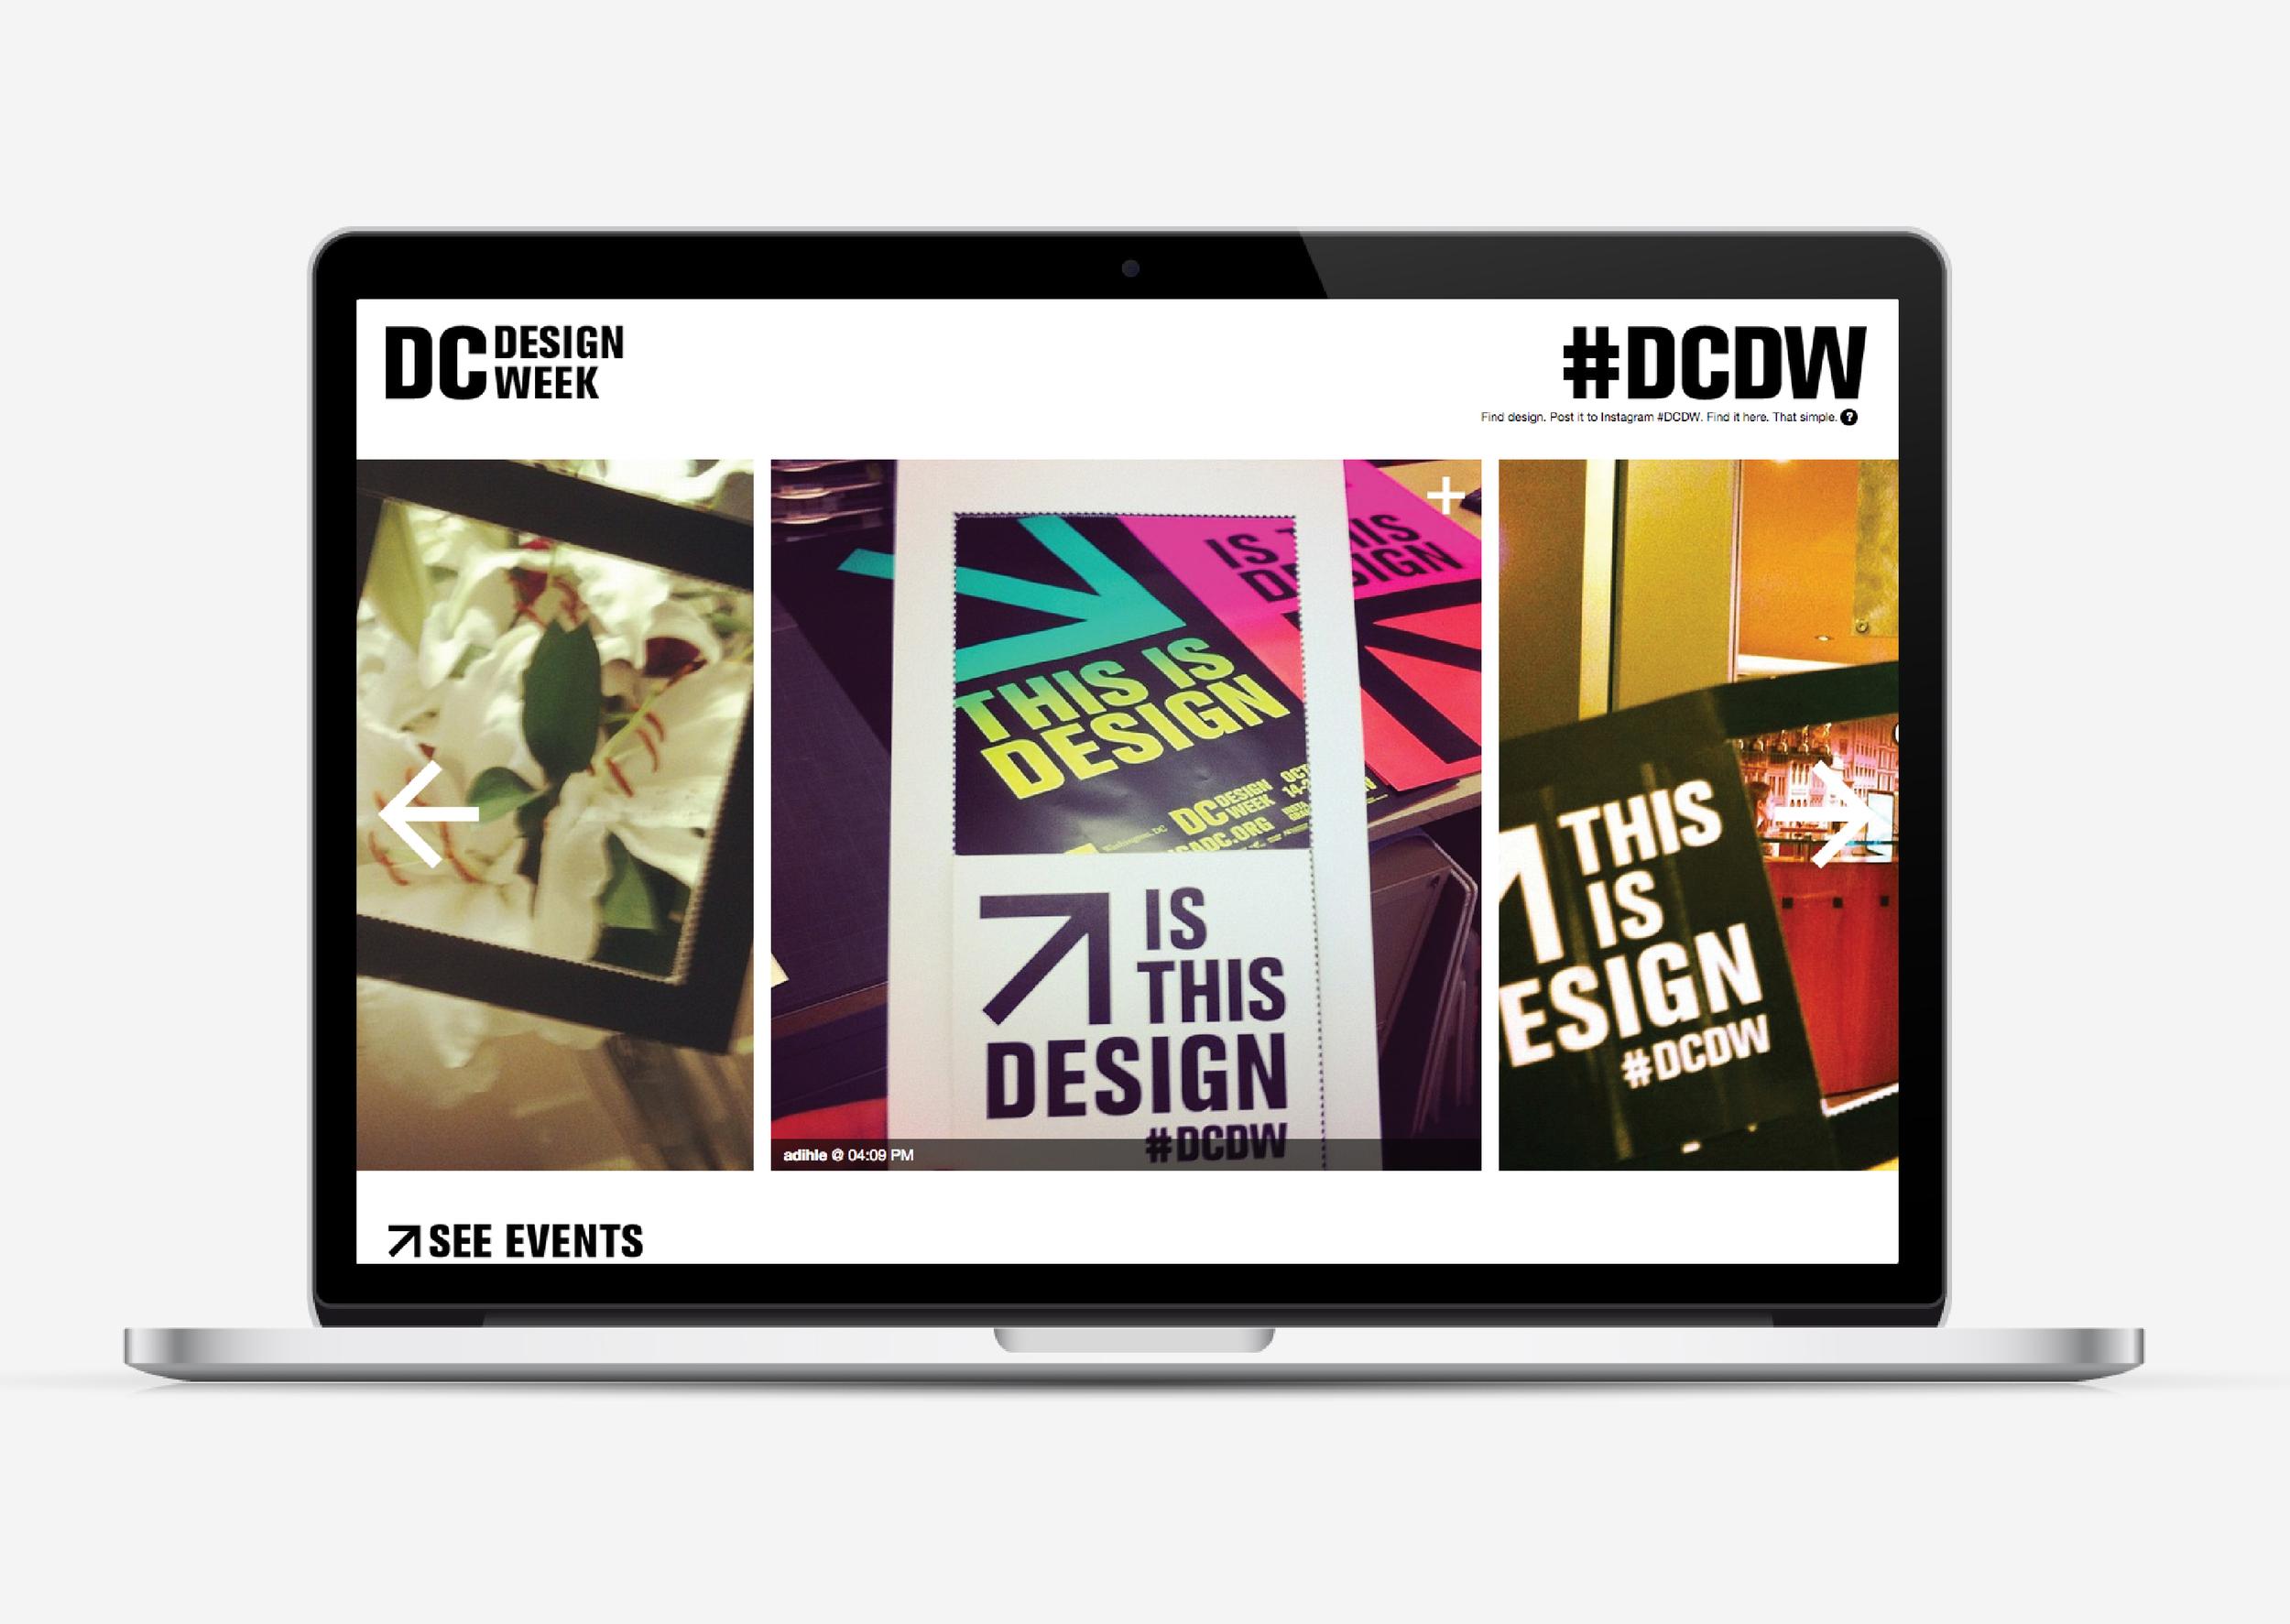 DCDW-web__screen.jpg